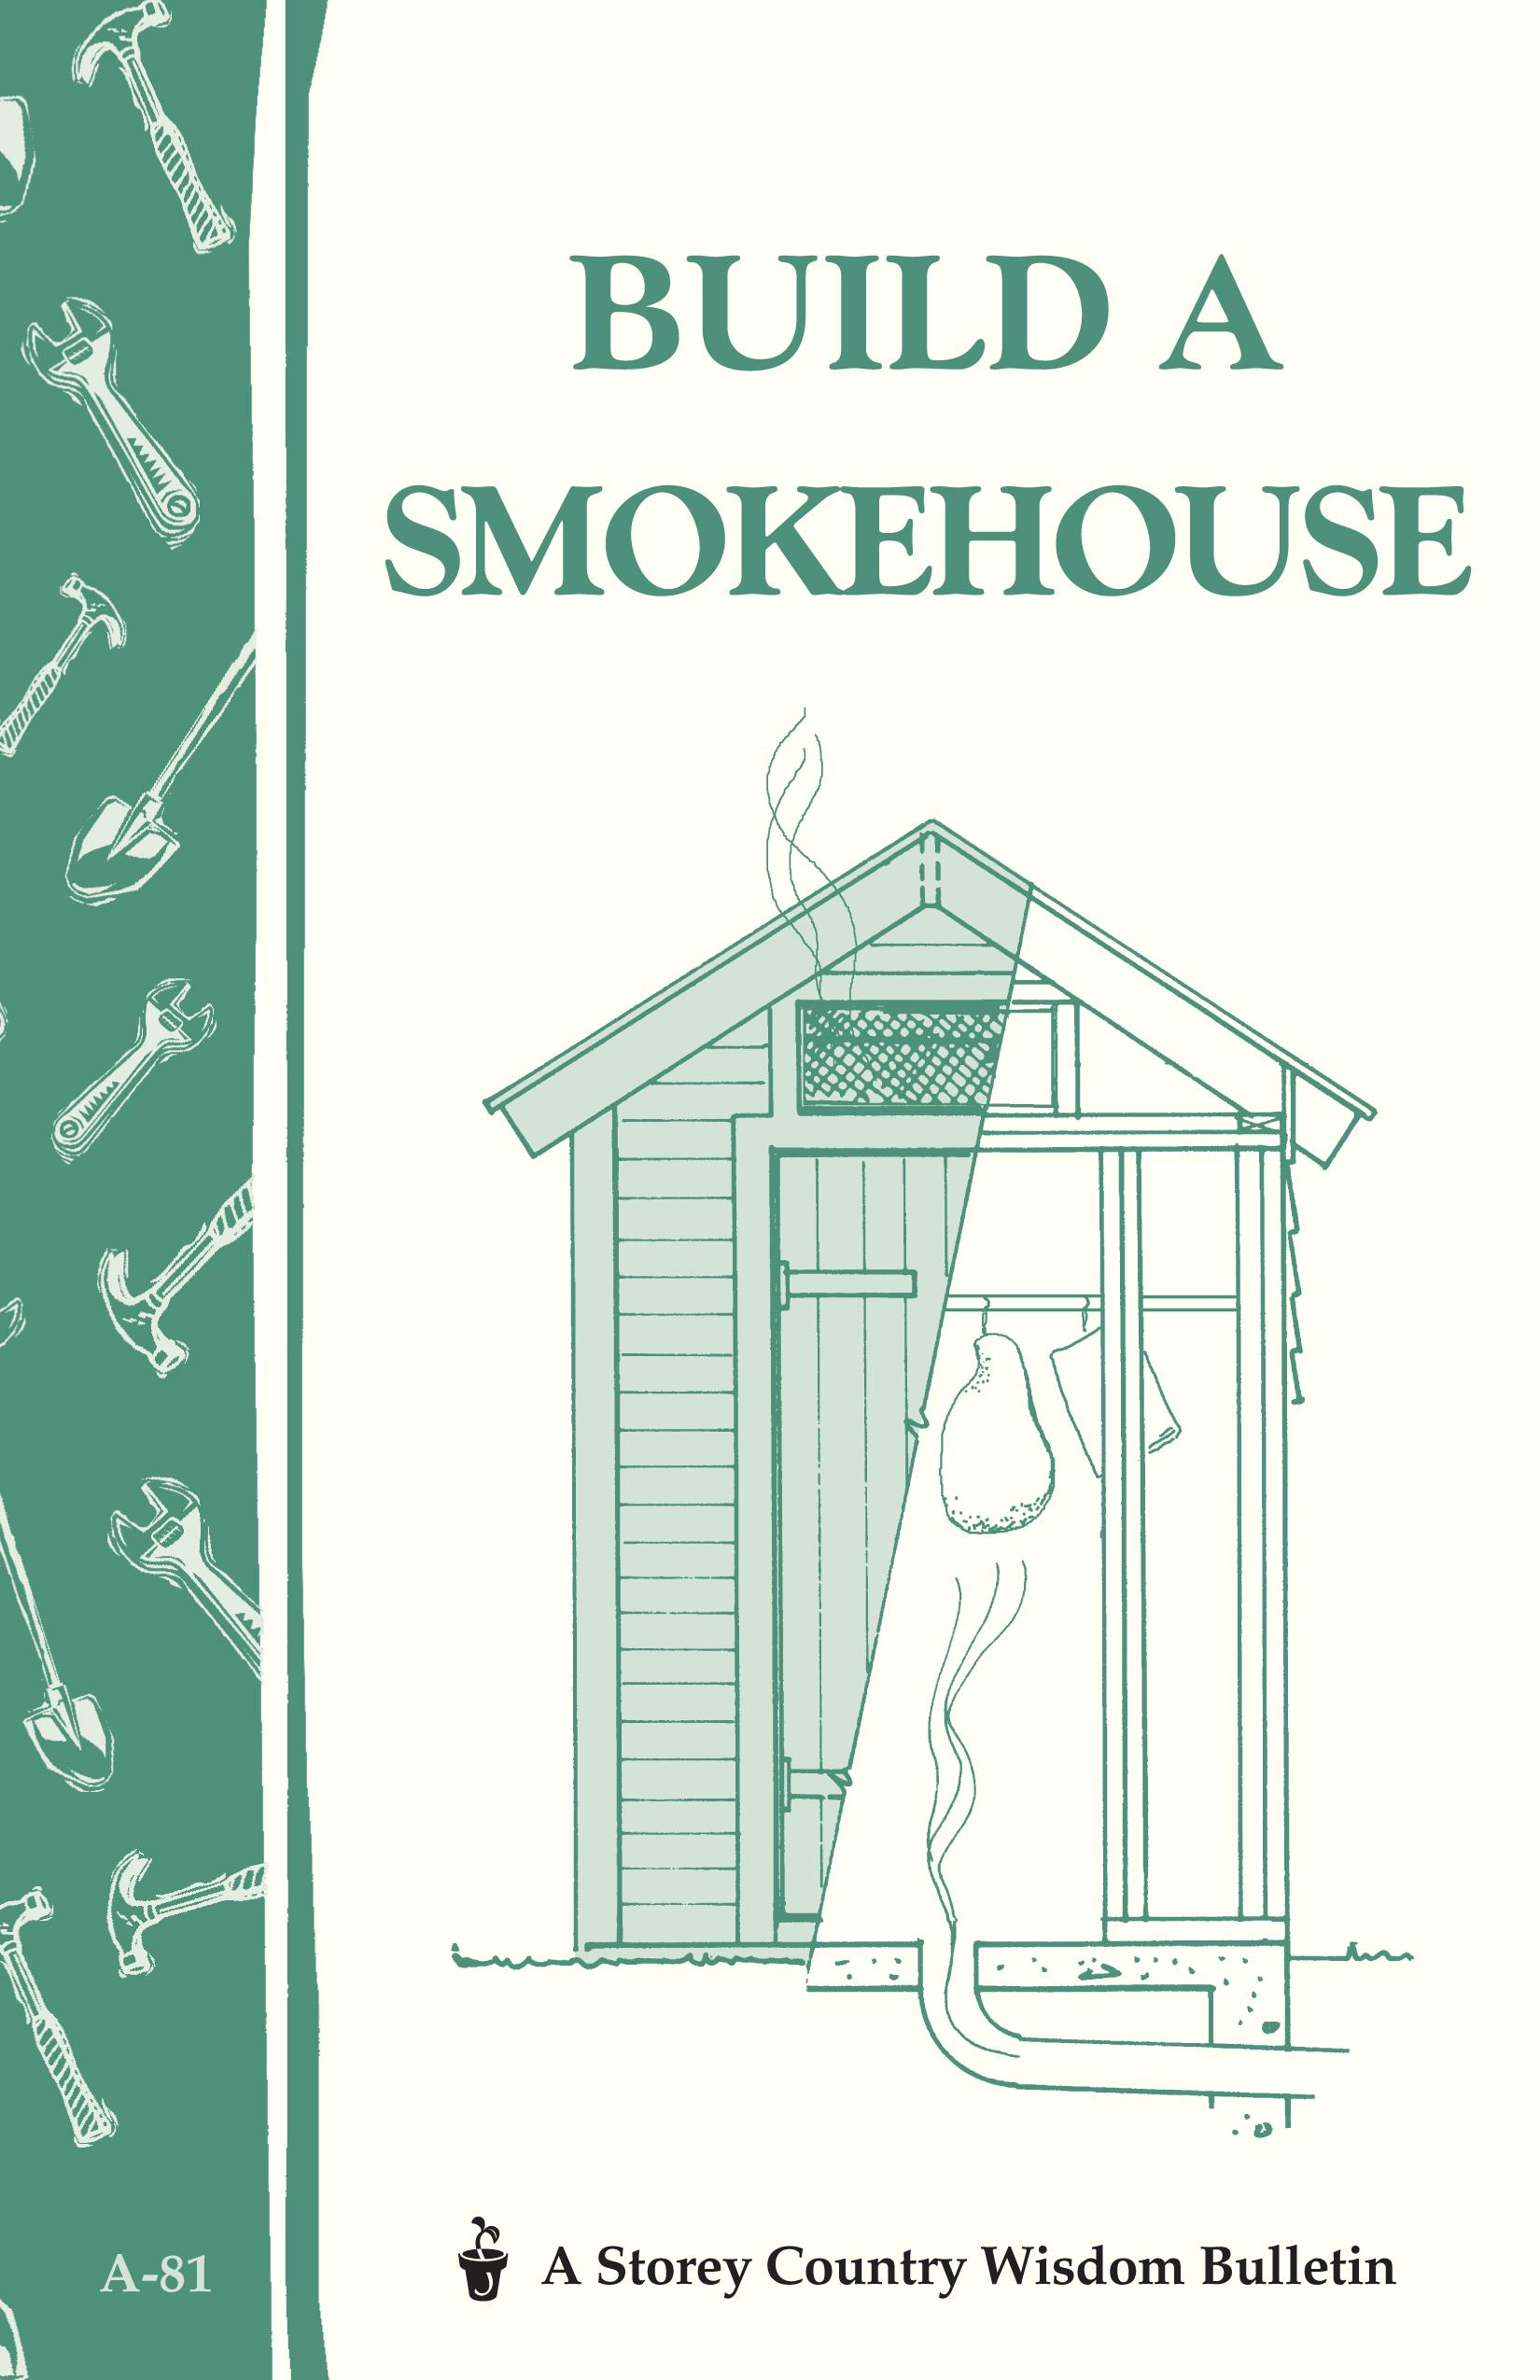 Build a Smokehouse Storey Country Wisdom Bulletin A-81 - Ed Epstein